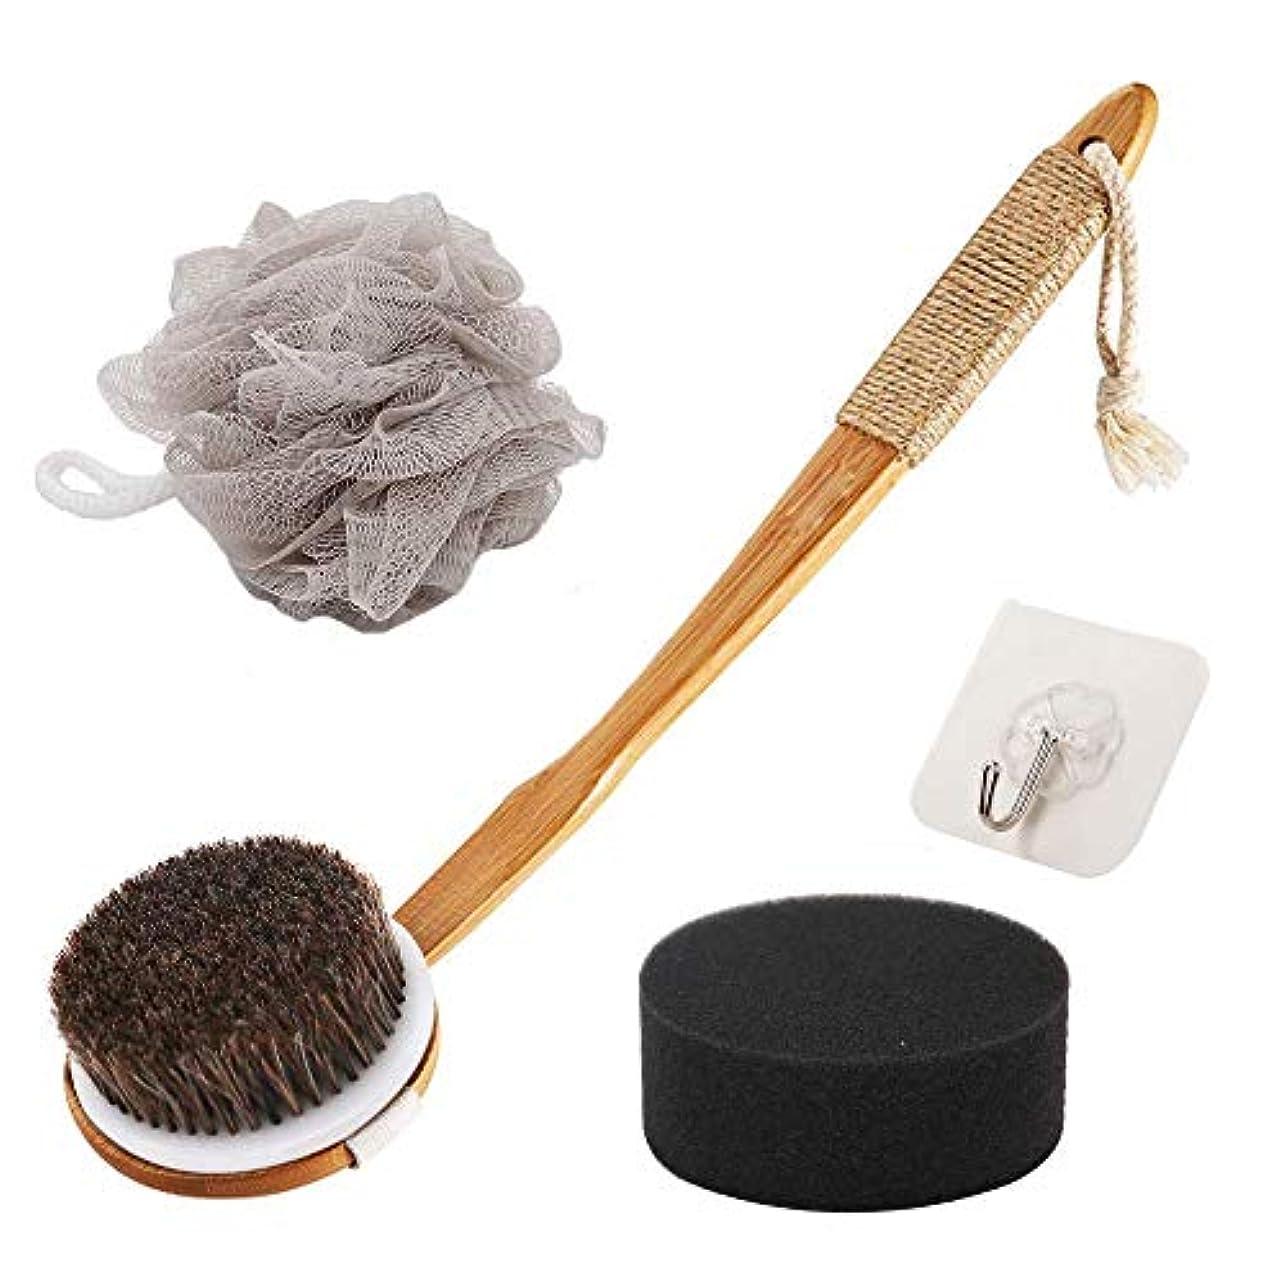 UMTELE ボディブラシ 体洗いブラシ 100%天然馬毛 背中ニキビ カーブしている長柄 分解可能 フラワーボールとスポンジ付き 血行促進/角質除去 お風呂用 バスグッズ やわらか毛 あかすり ボディウォッシュボール